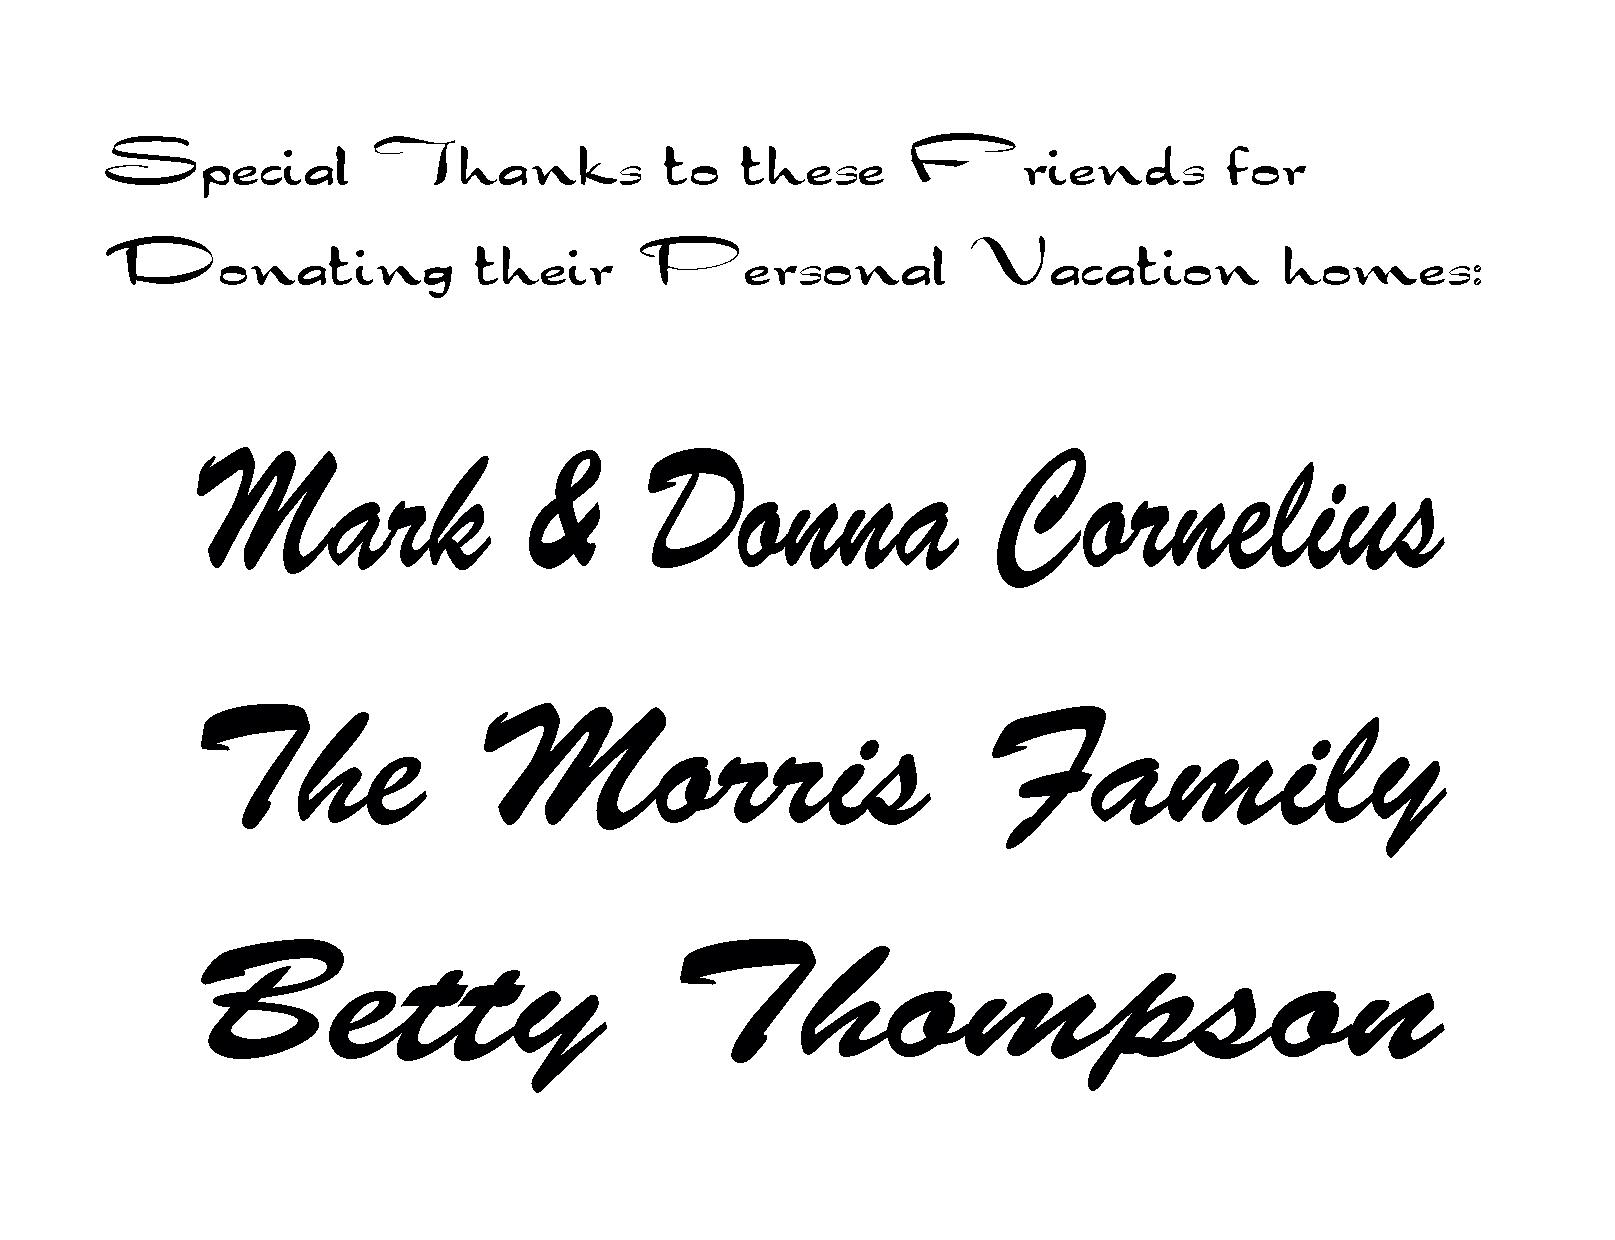 Cornelius, Morris, Thompson Vacation Homes